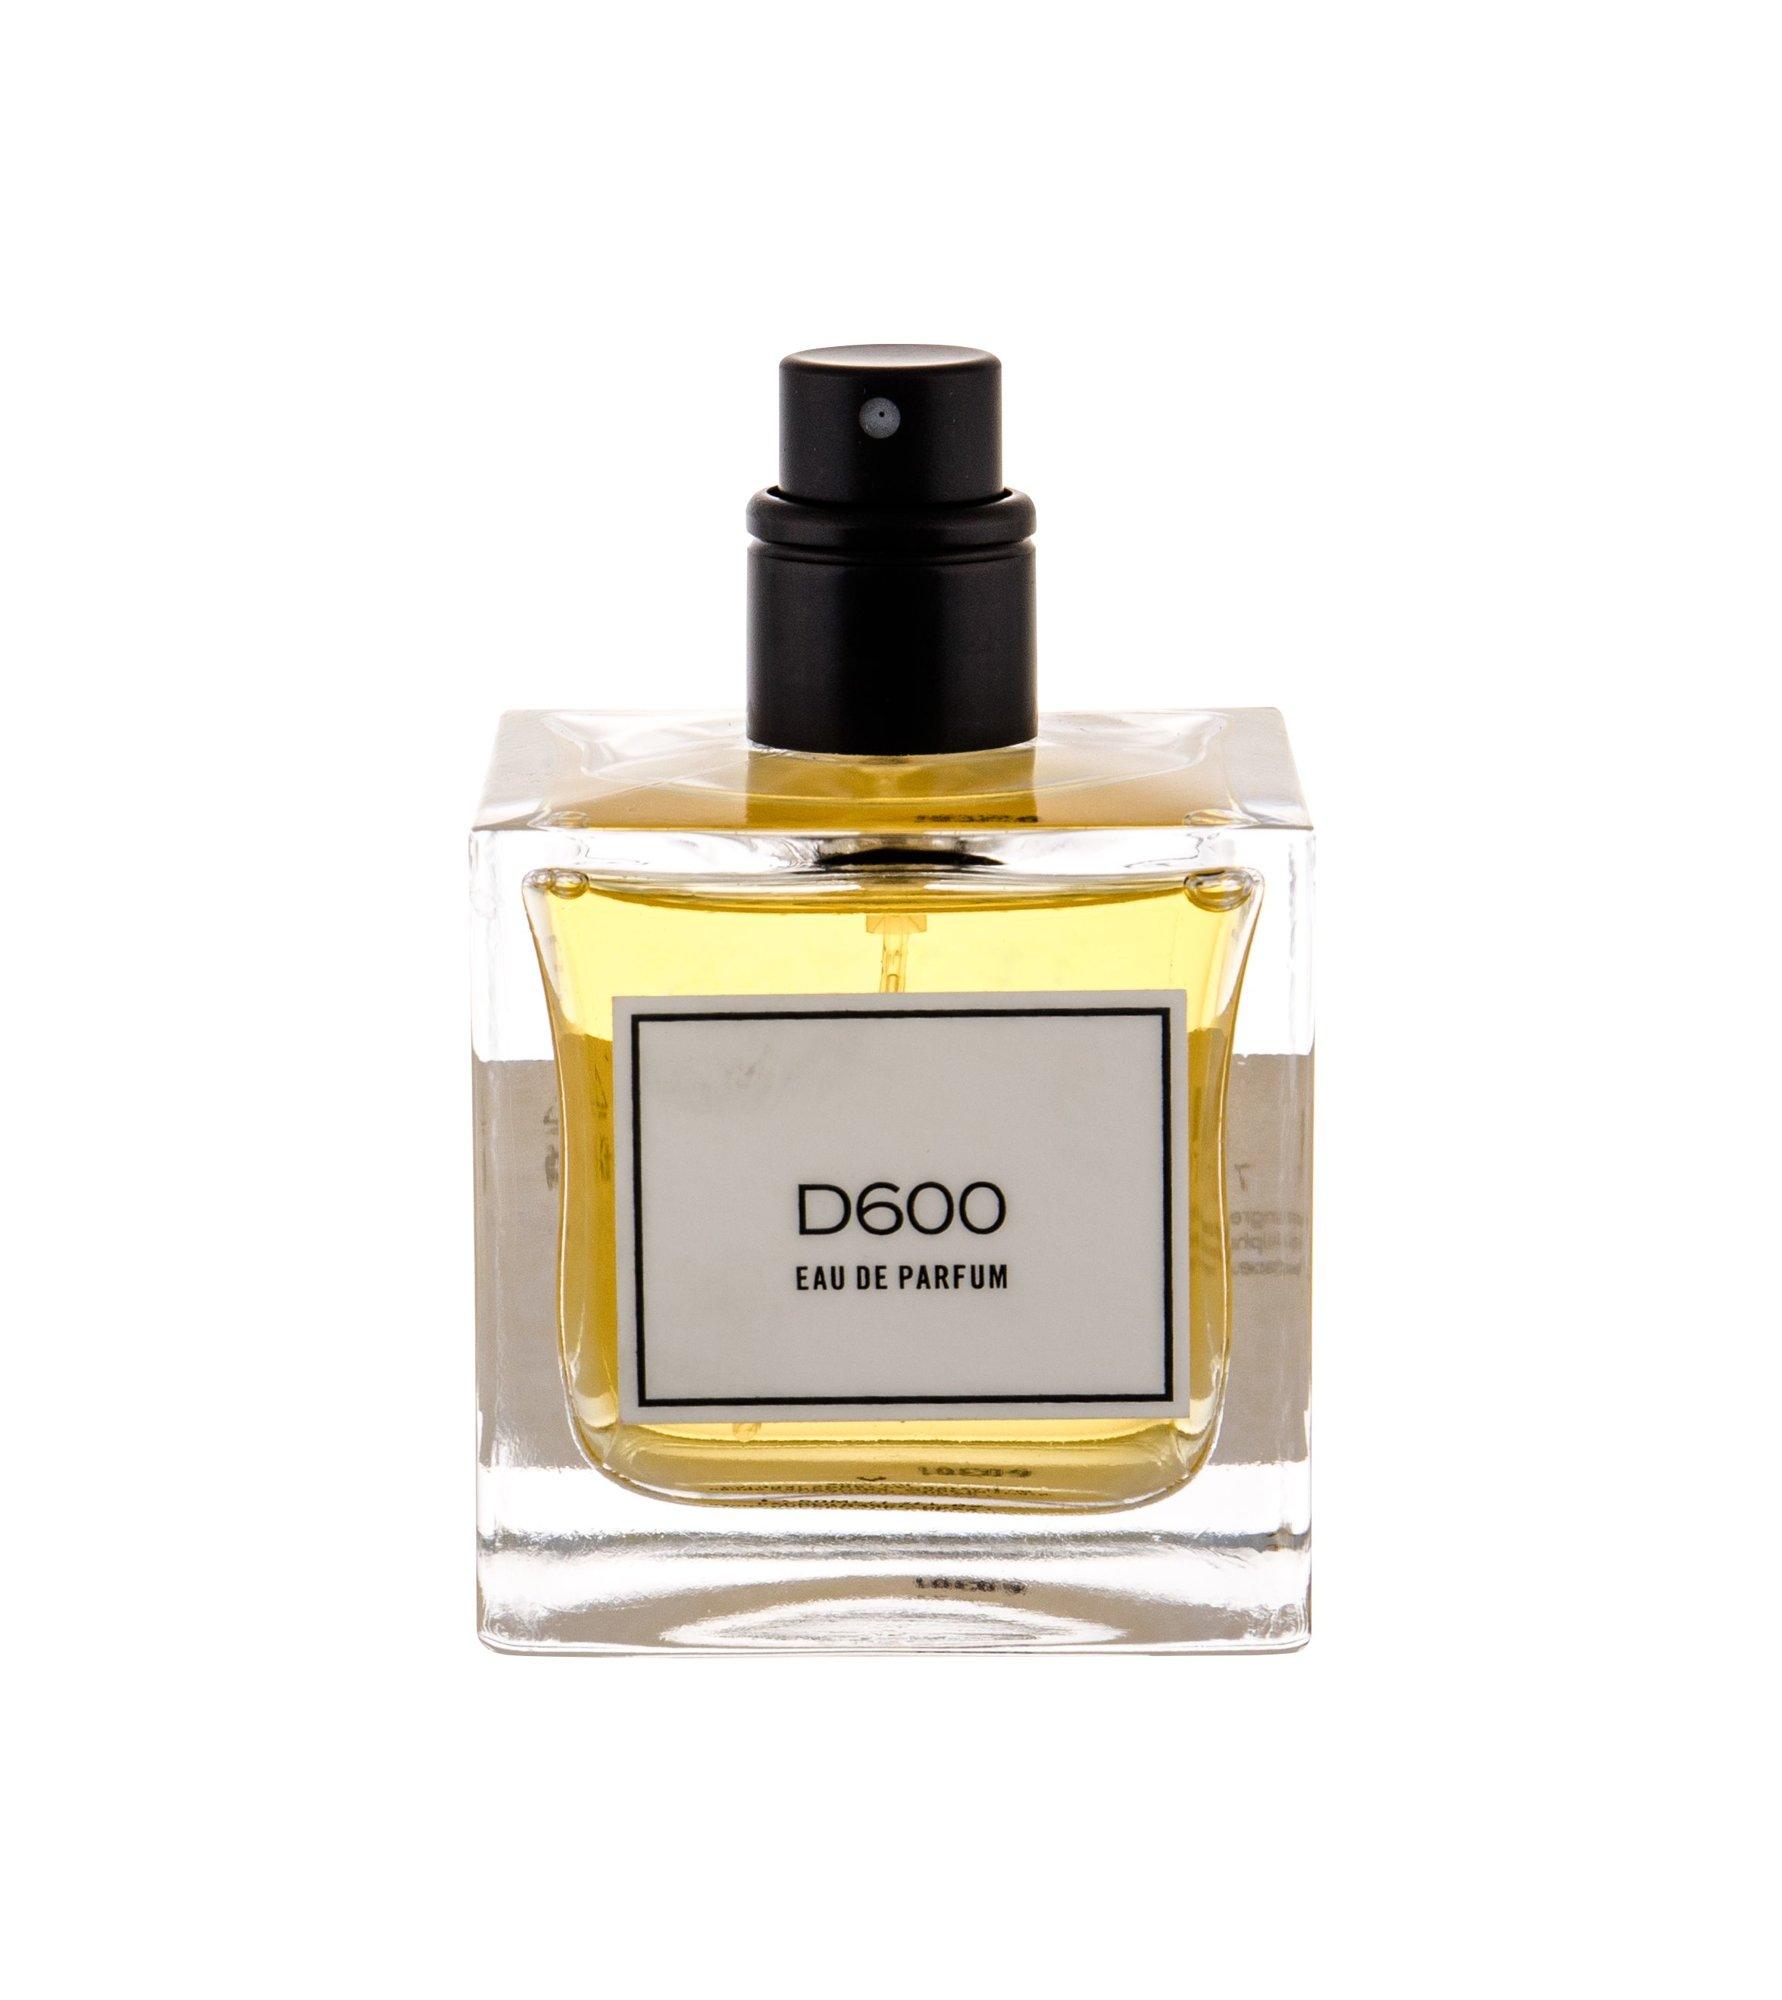 Carner Barcelona Woody Collection Eau de Parfum 100ml  D600